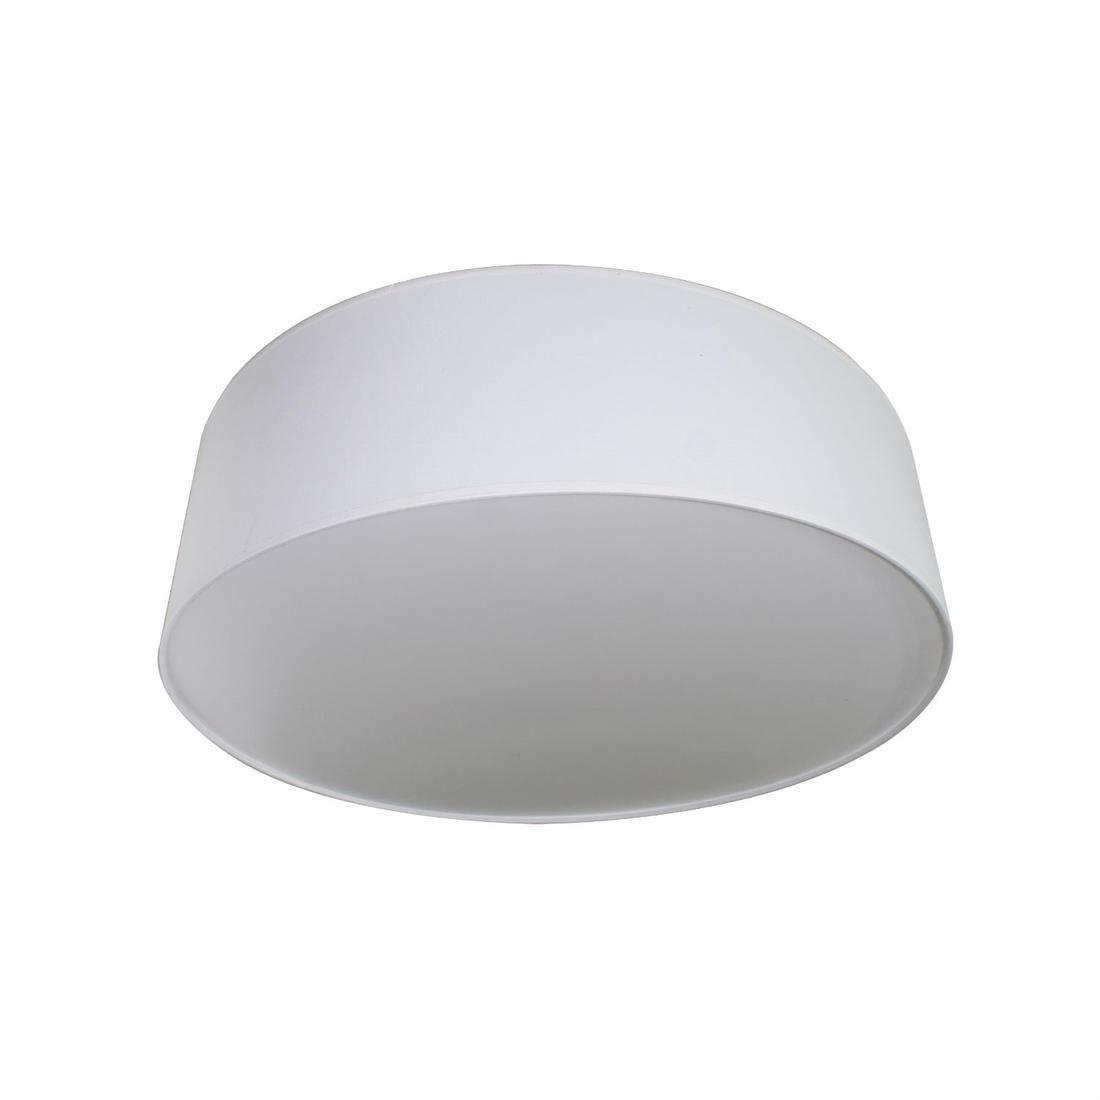 Plafonnier avec diffusant Blanc Ø48cm - WHITE   Lights